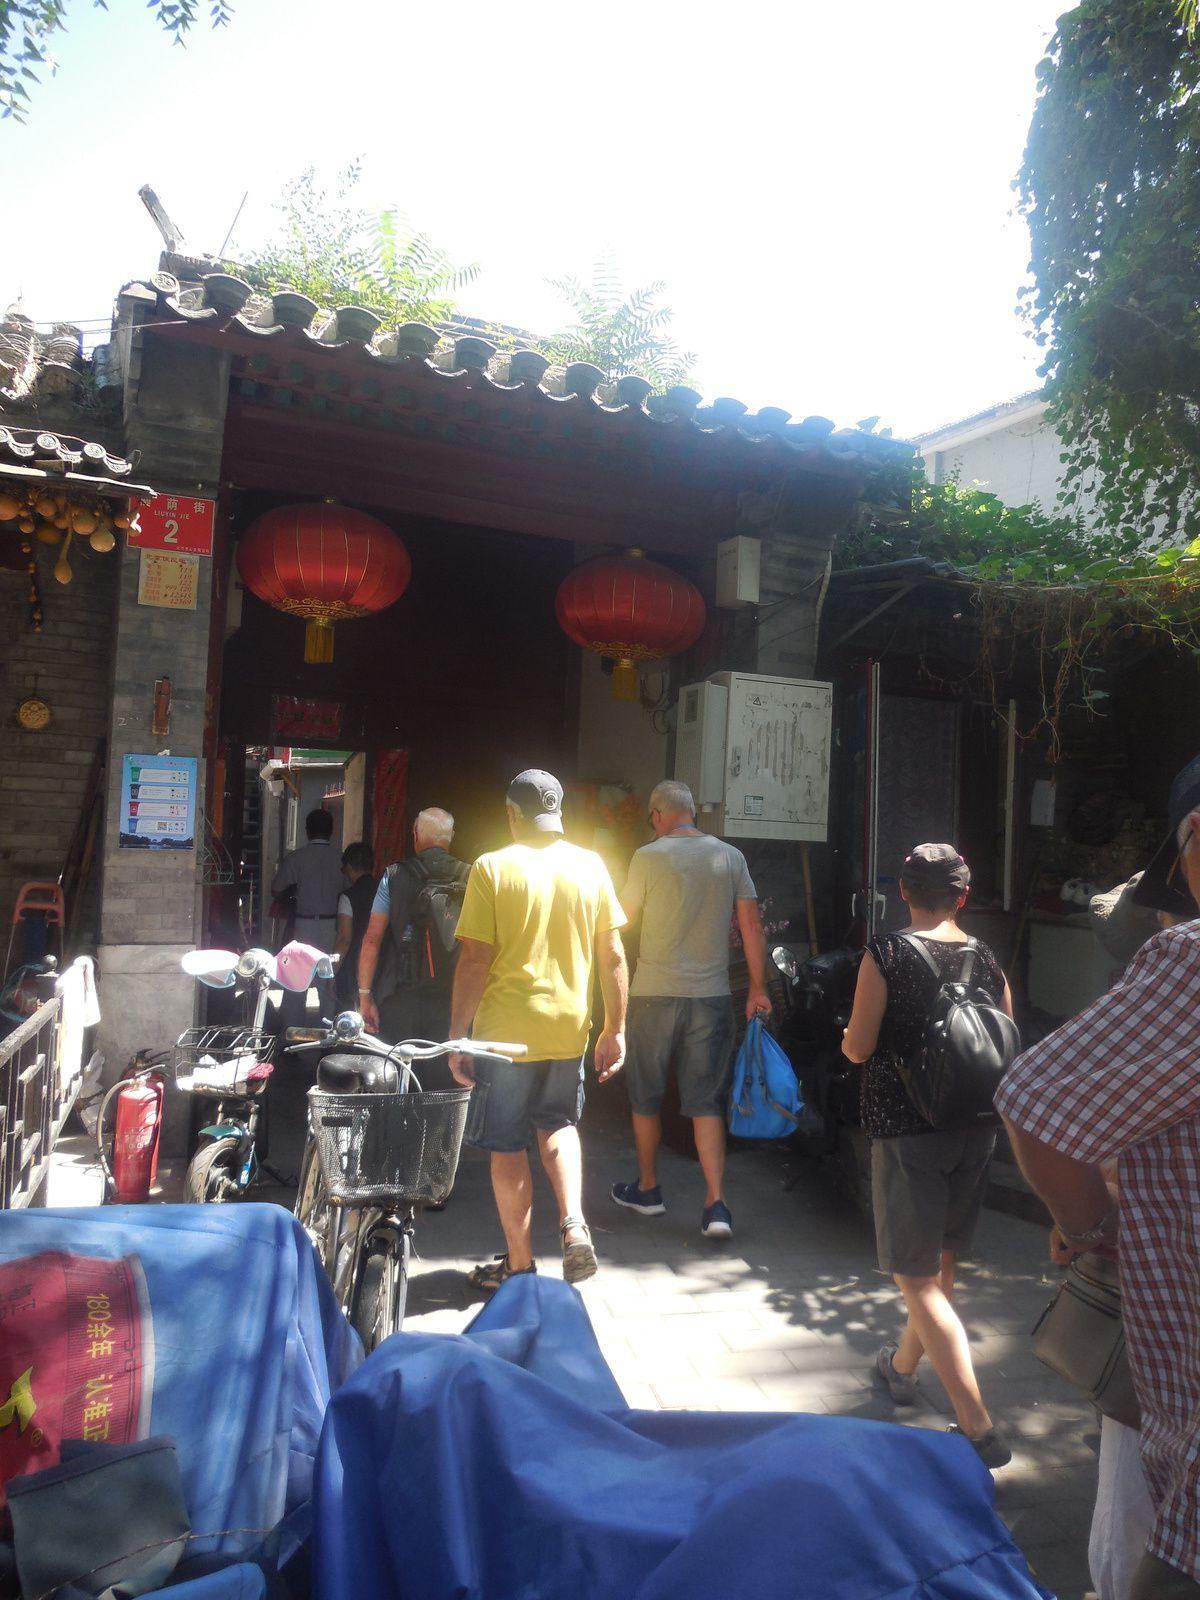 Avant de nous promener dans ces ruelles, repas traditionnel chez l'habitant...